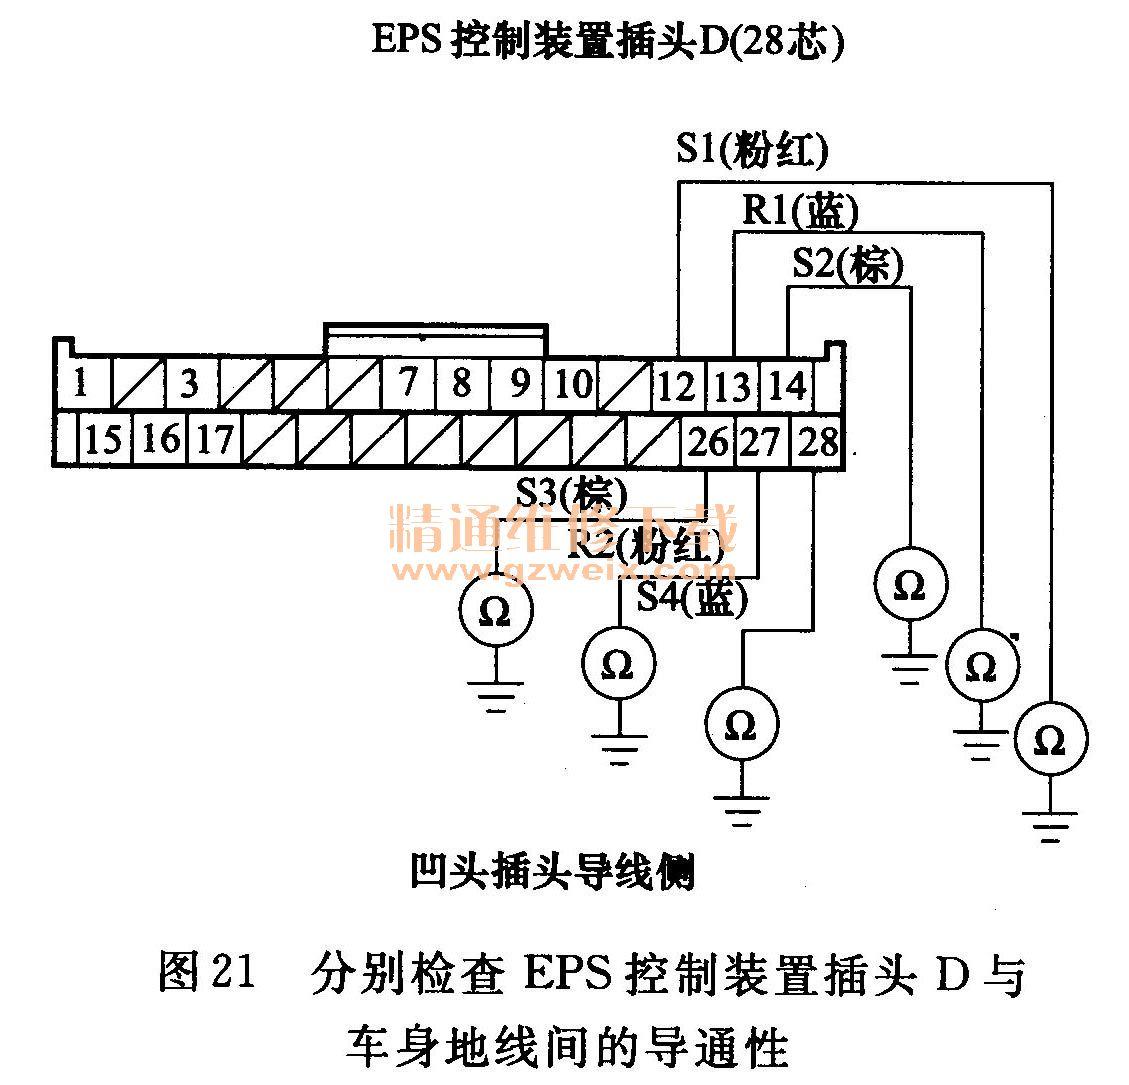 本田思域混合动力车eps(动力转向电控系统)故障诊断